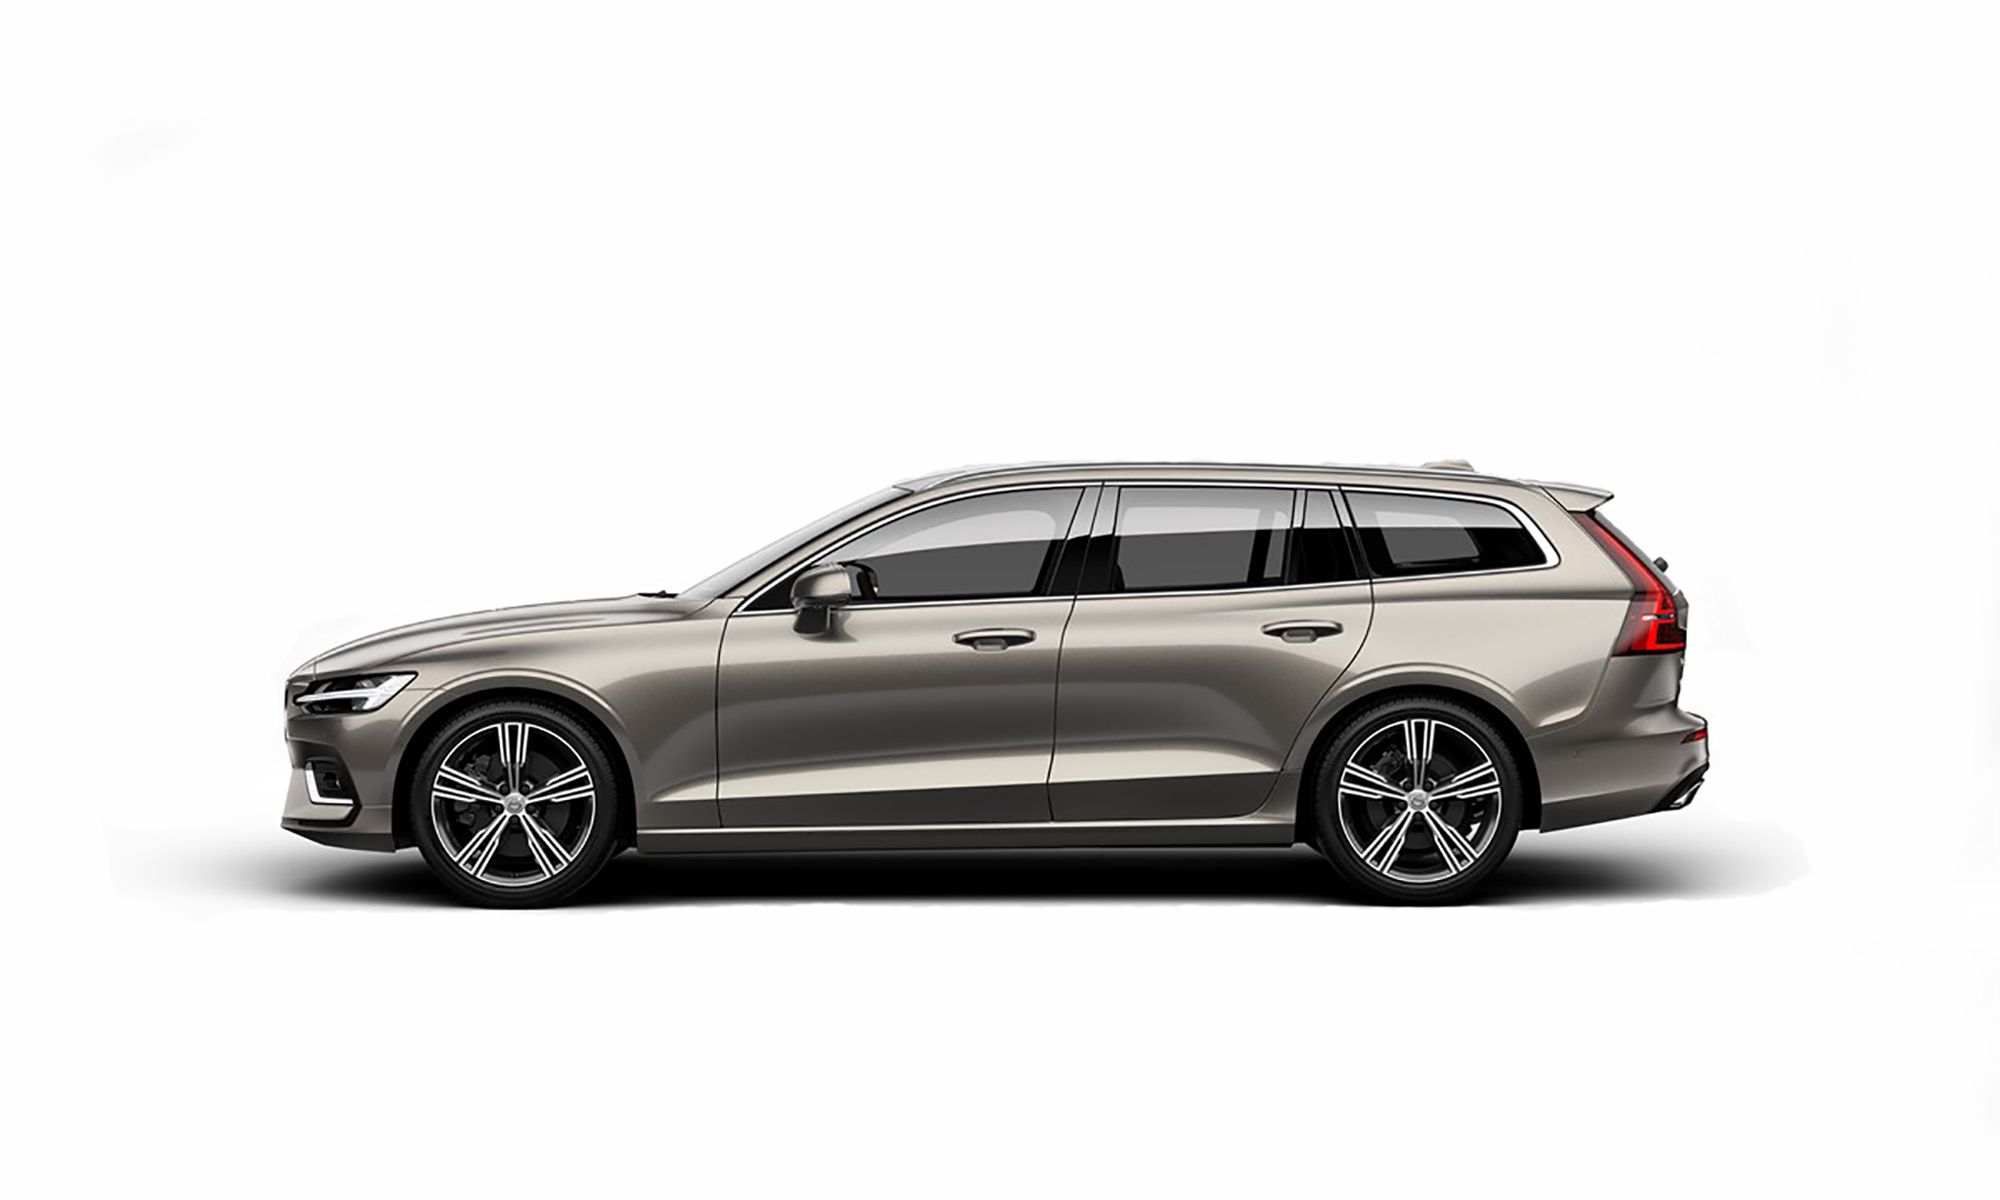 Volvo V60 2019 White Background